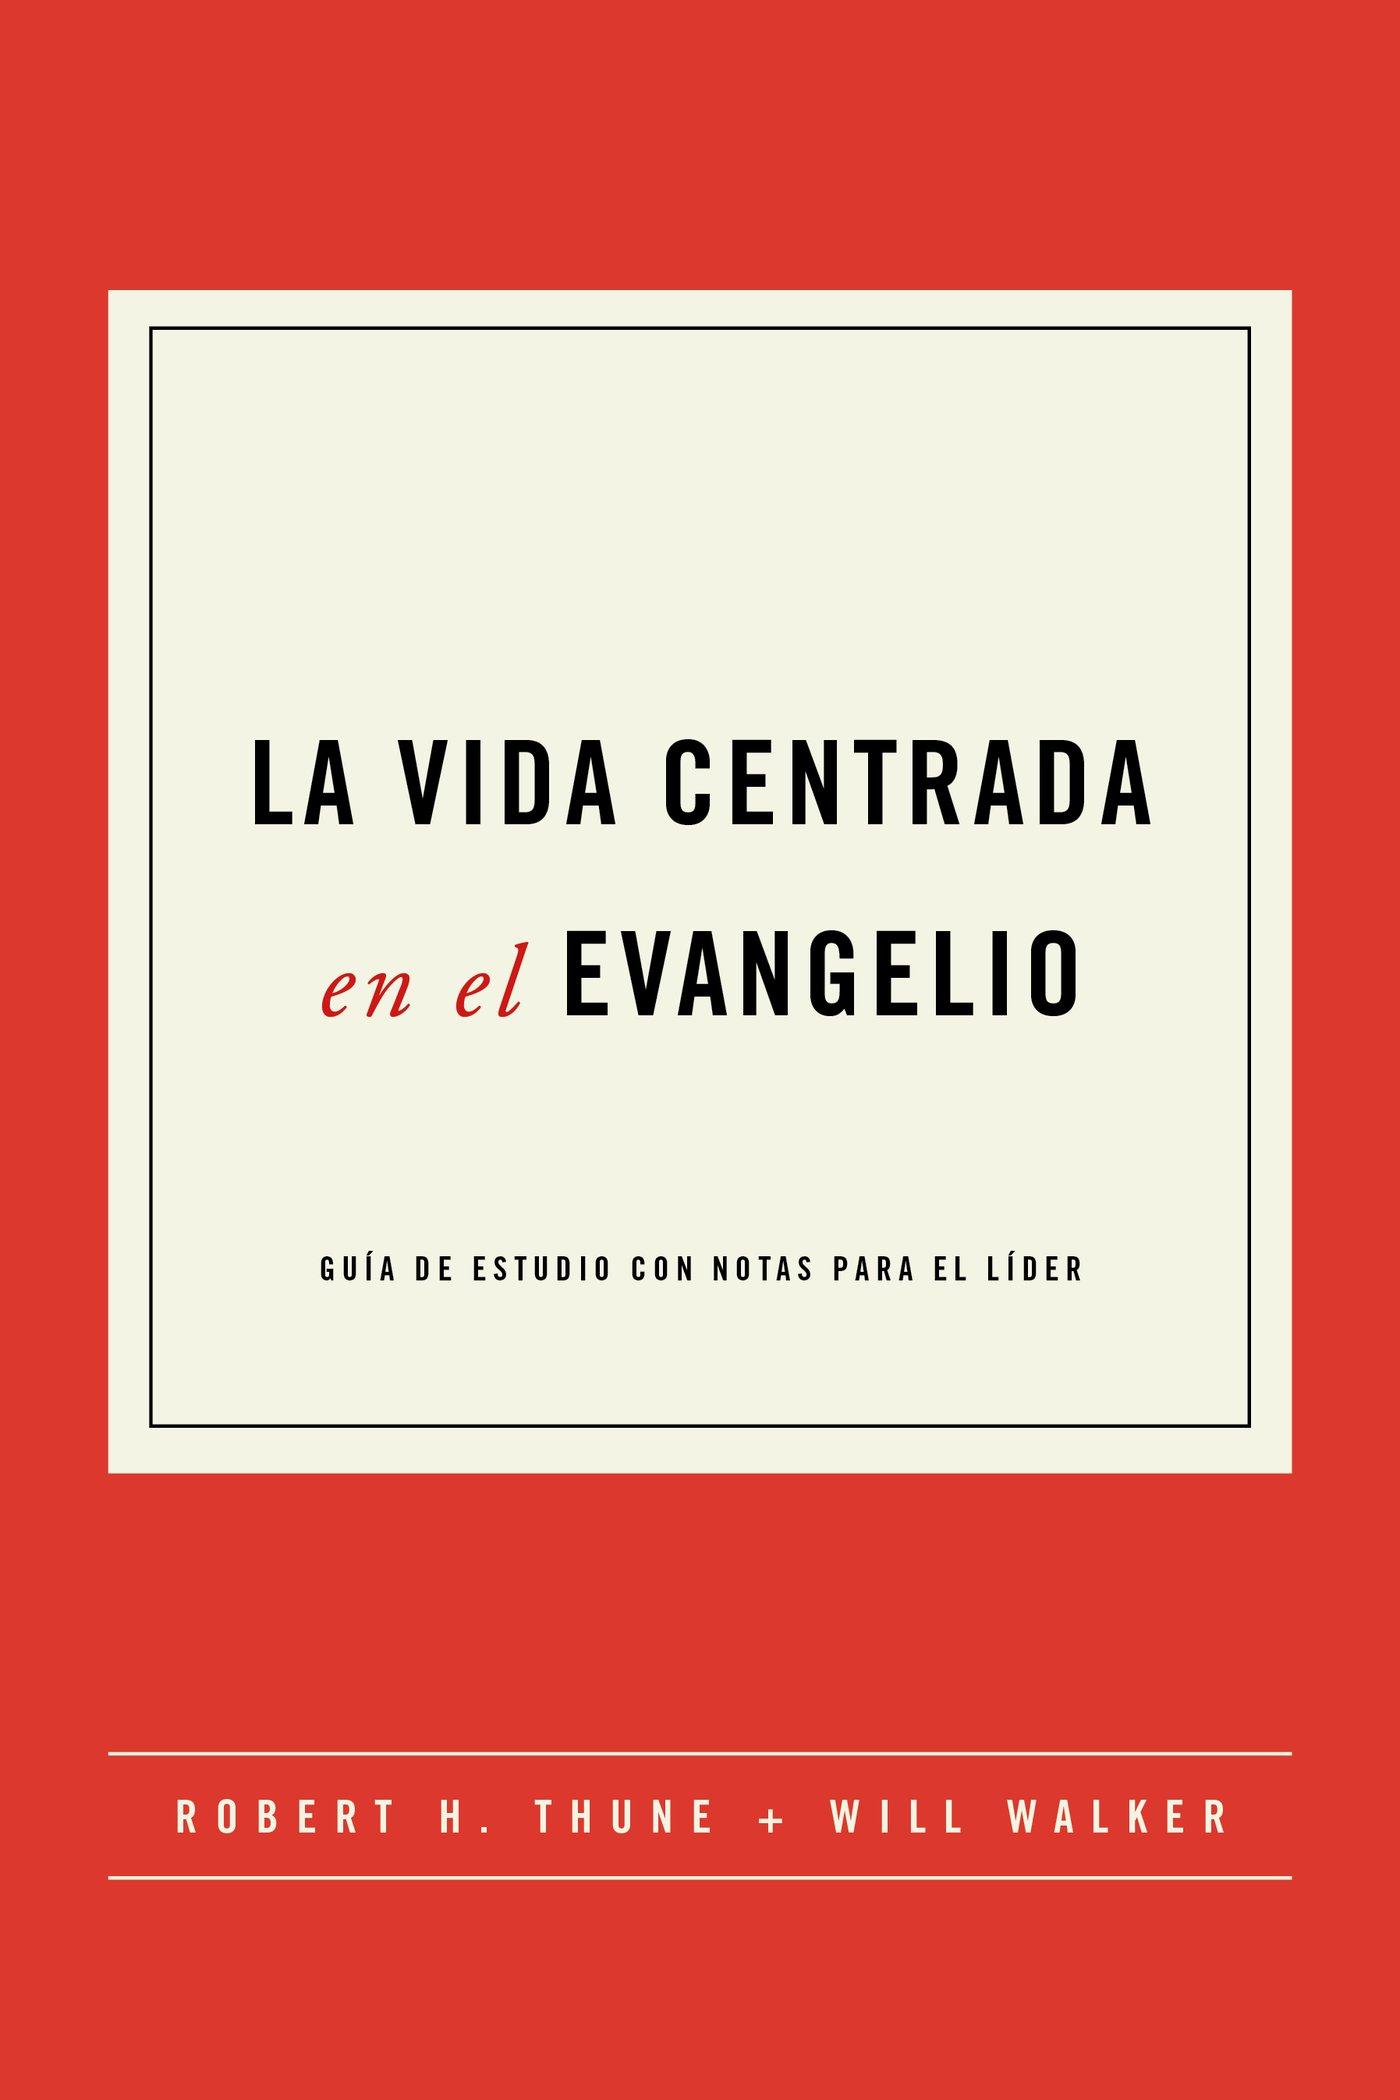 La Vida Centrada en el Evangelio